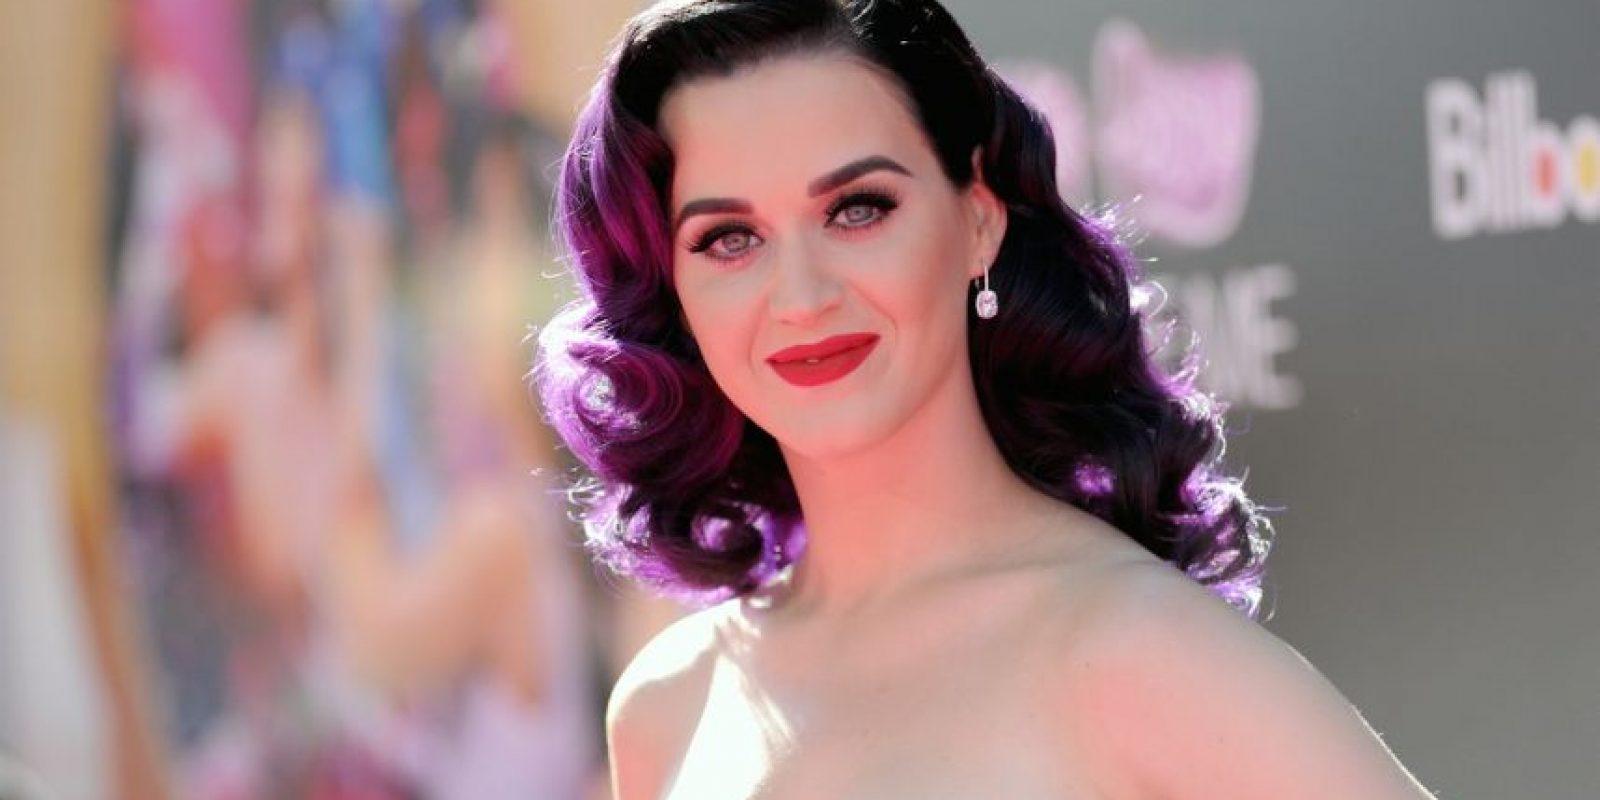 """La cantante publicó: """"Me siento atrapada aquí en Sydney al oír las noticias"""". Foto: Getty Images"""